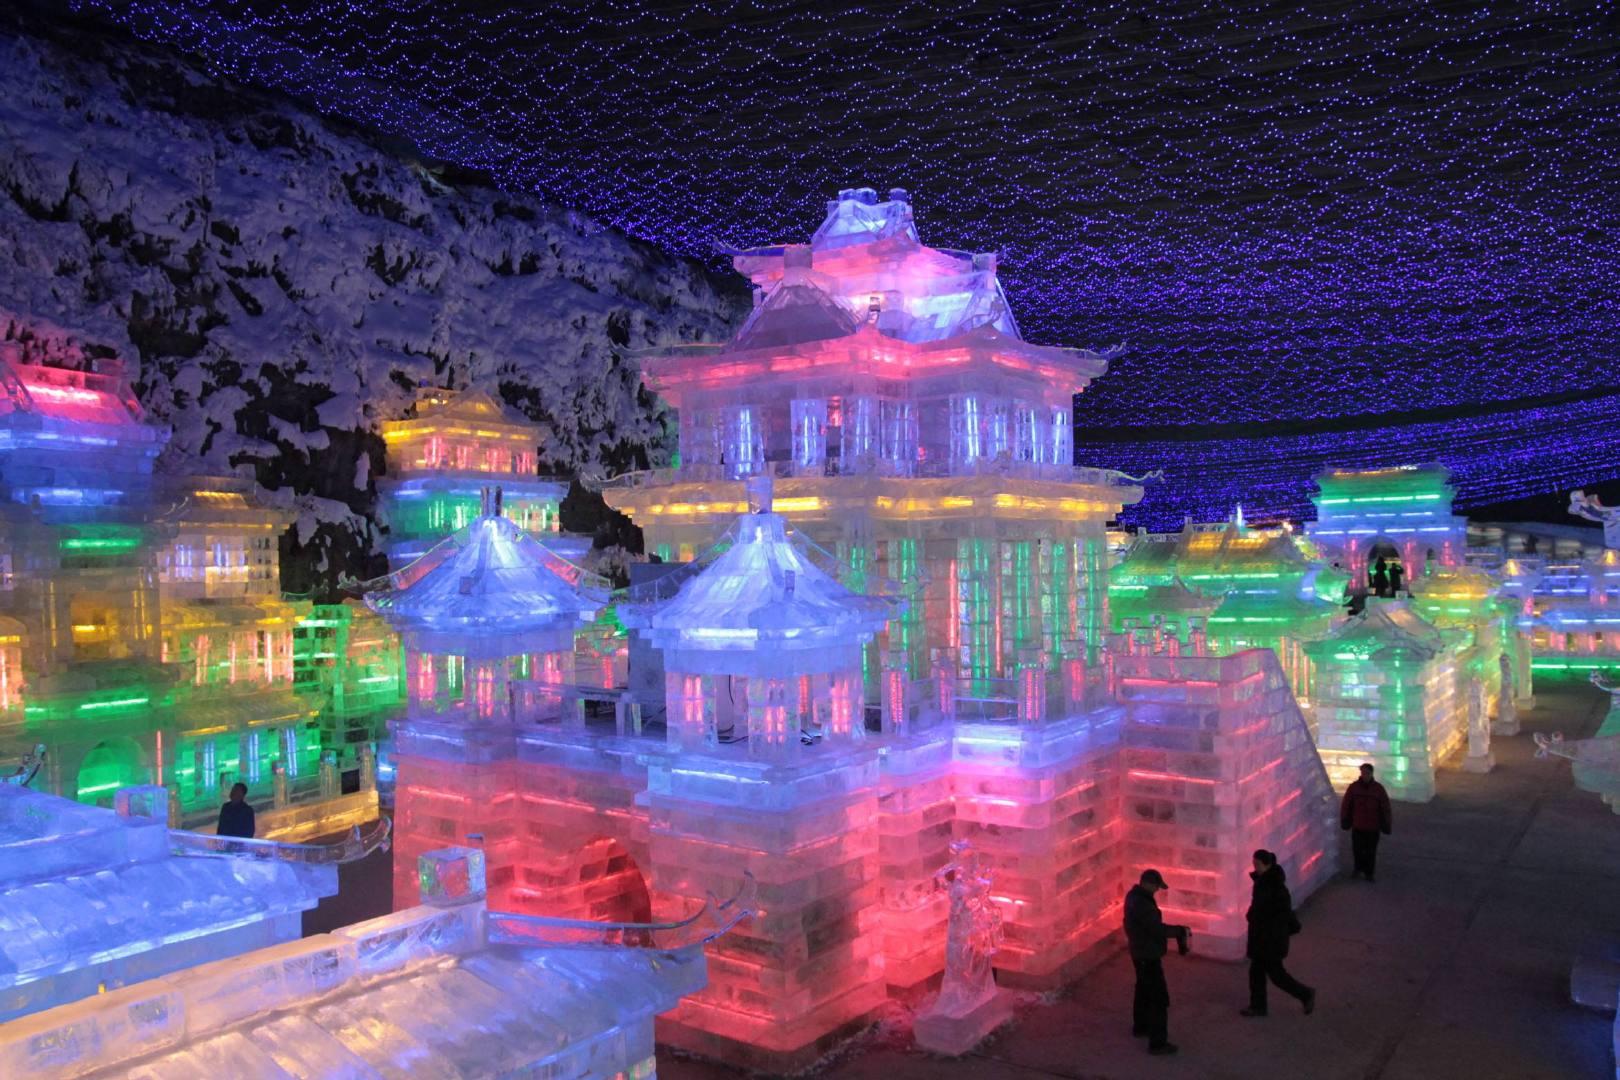 首汽租车丨北京冬季周边游_龙庆峡大巴包车电话 – 4006222262-首汽环球